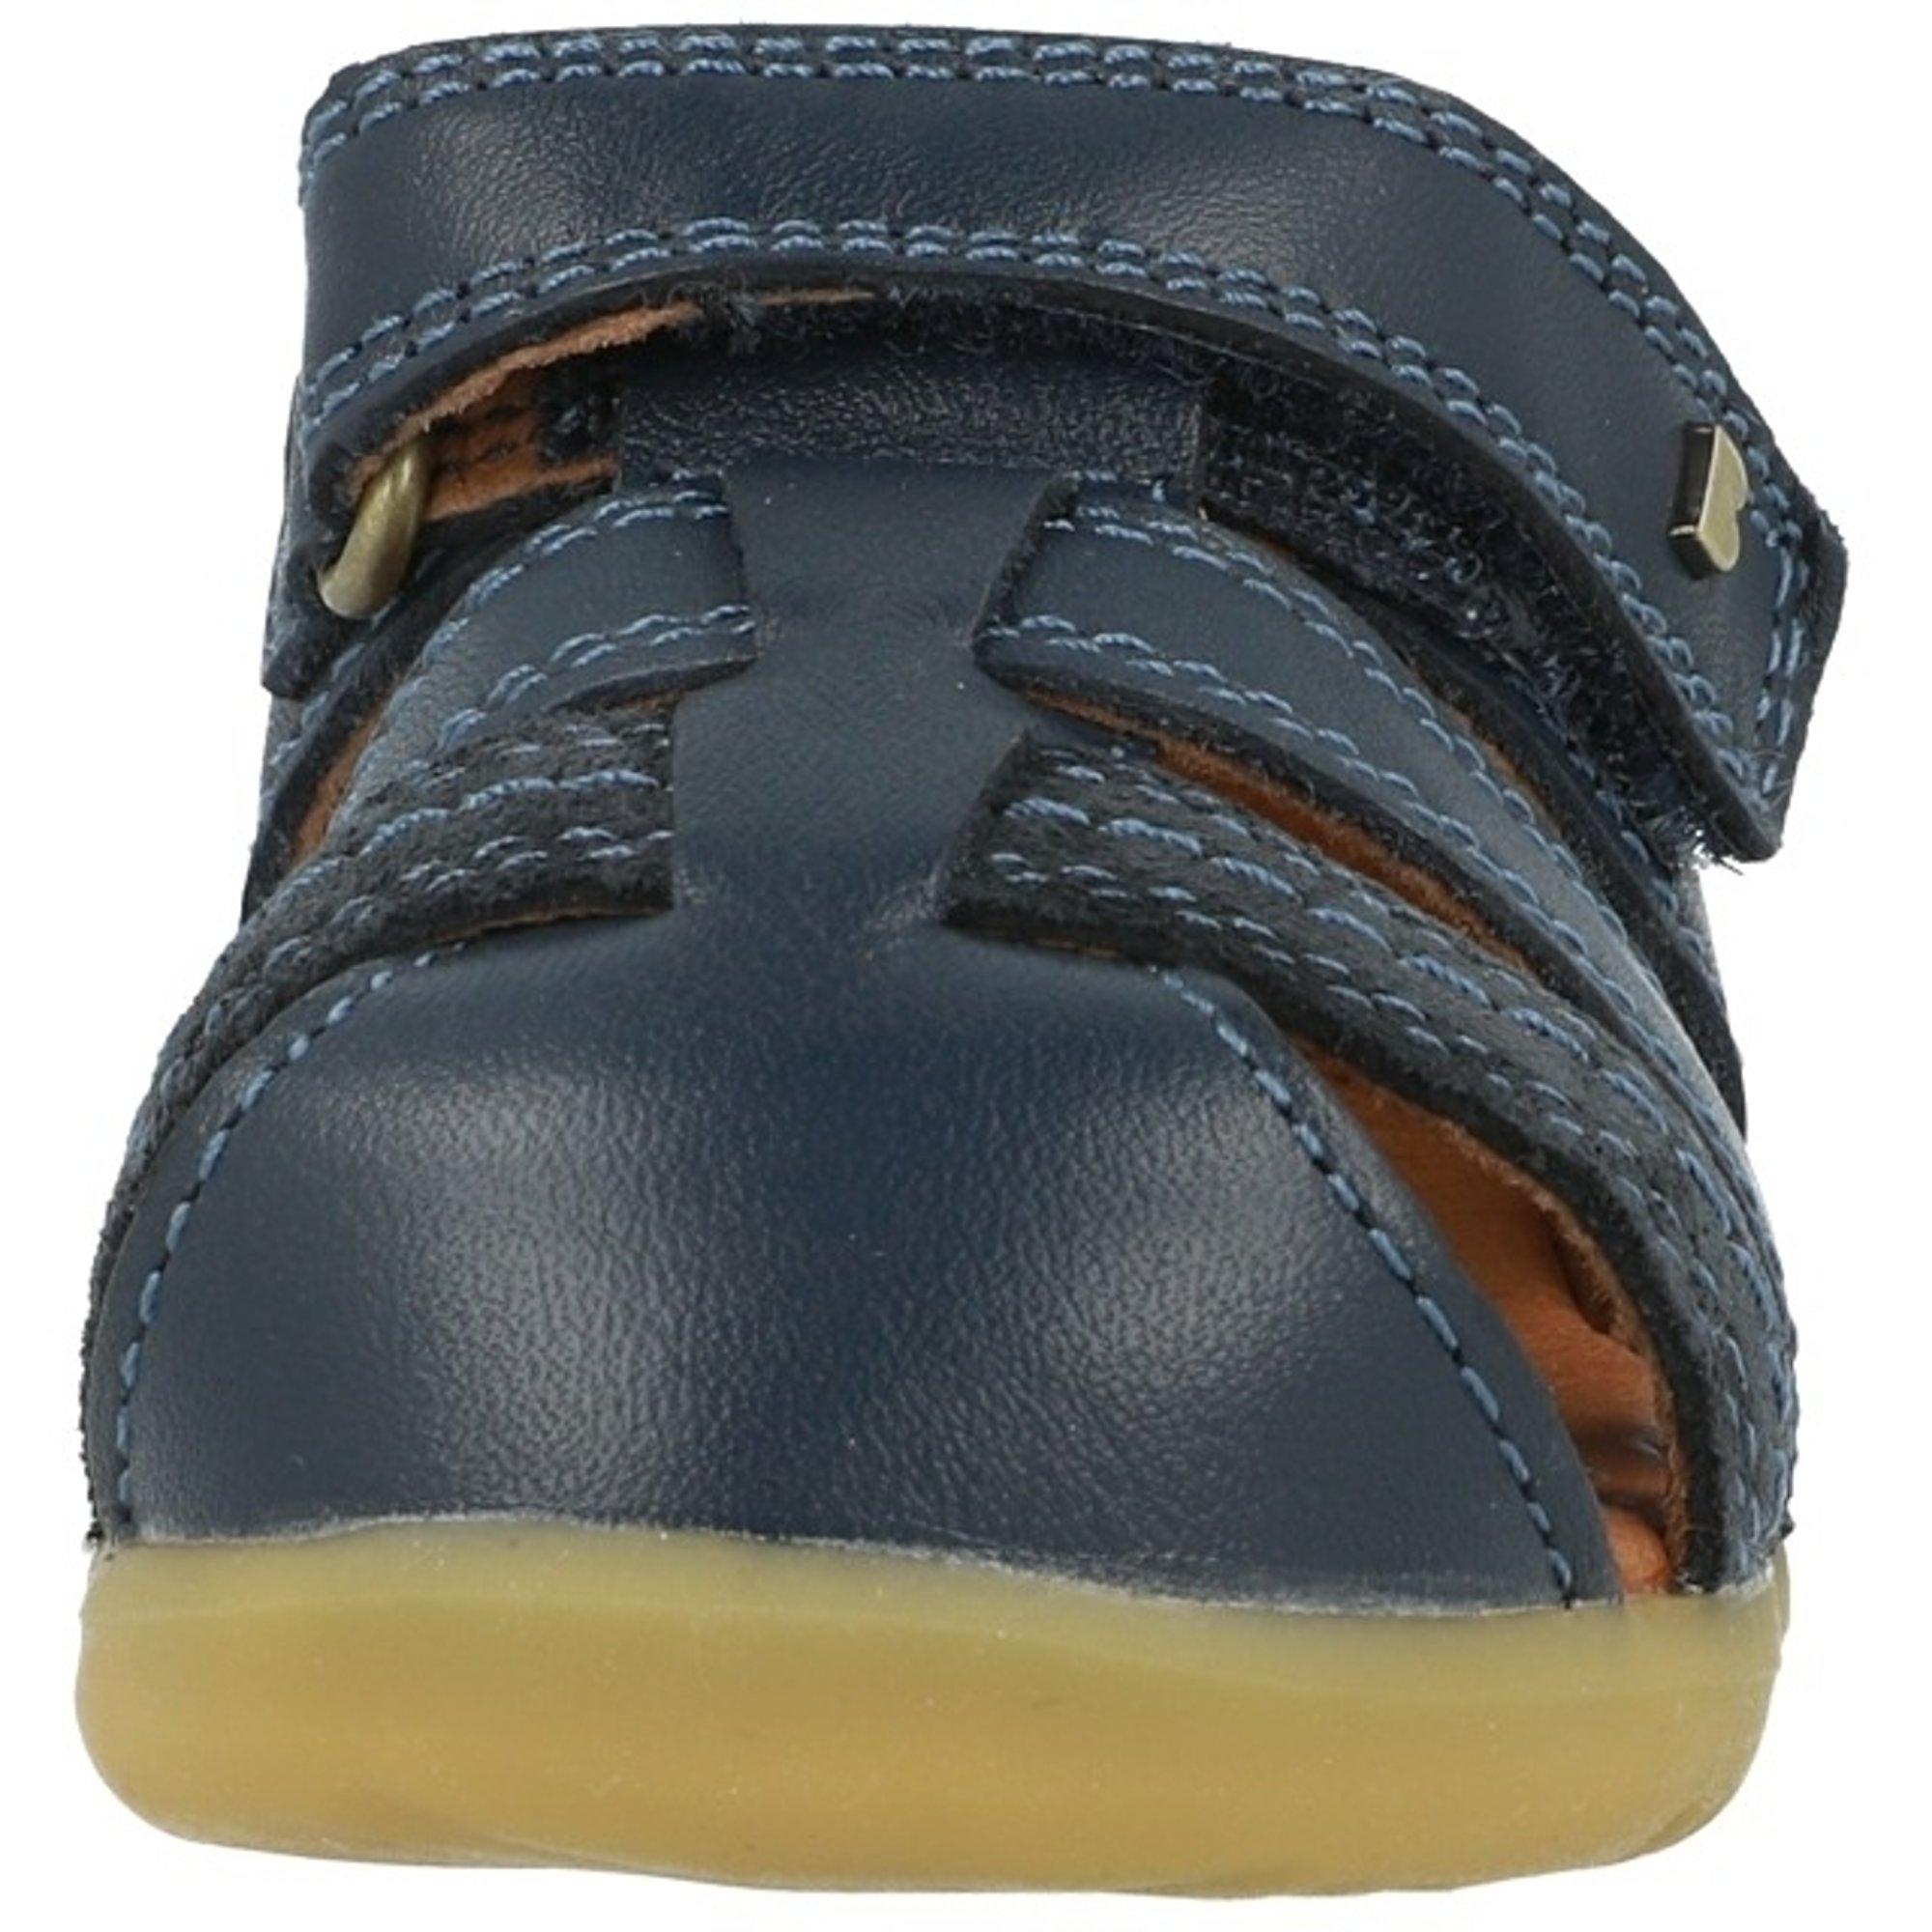 Bobux Step Up Roam Navy Leather